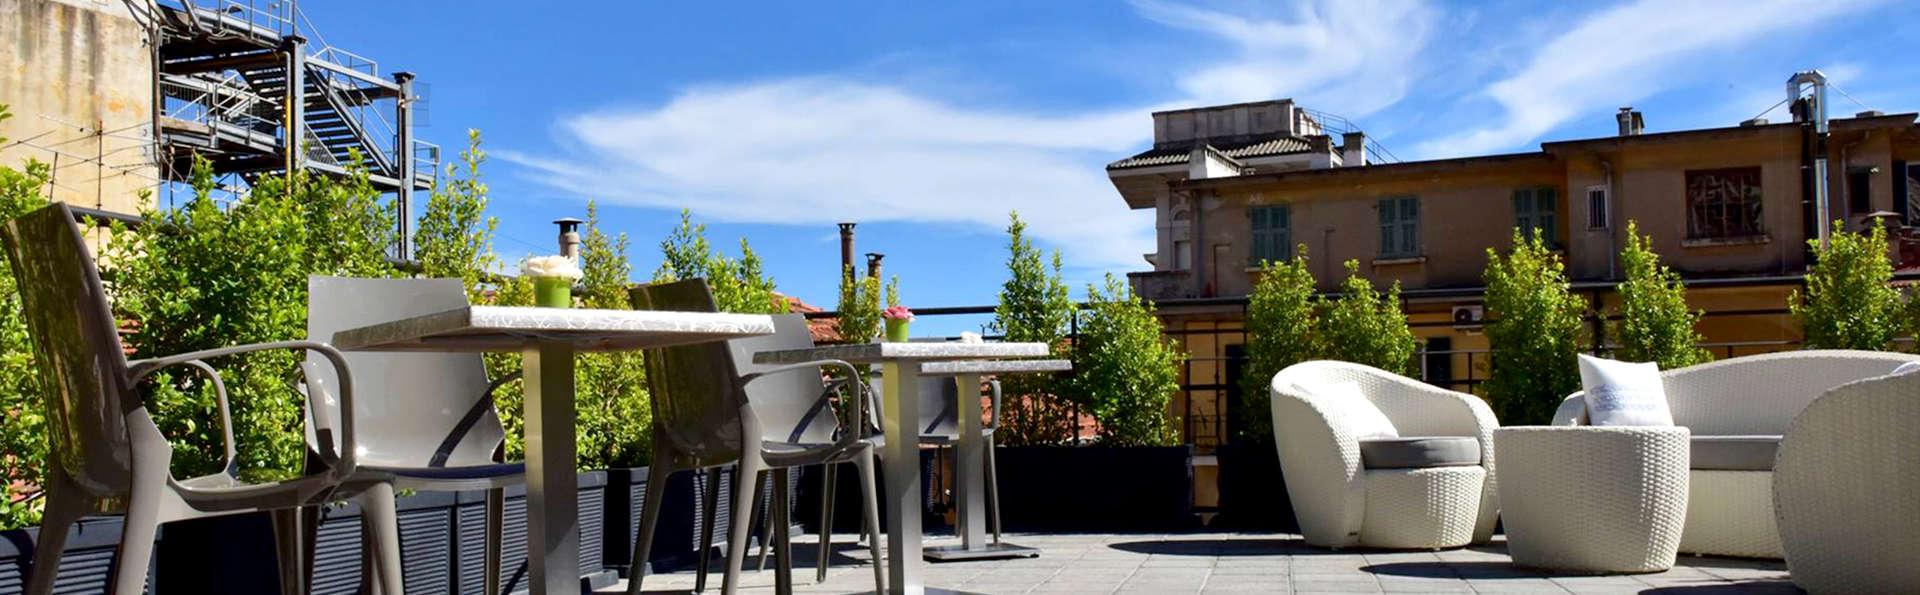 Séjour de deux nuits au cœur de Sanremo avec accès au spa à côté du célèbre théâtre Ariston.